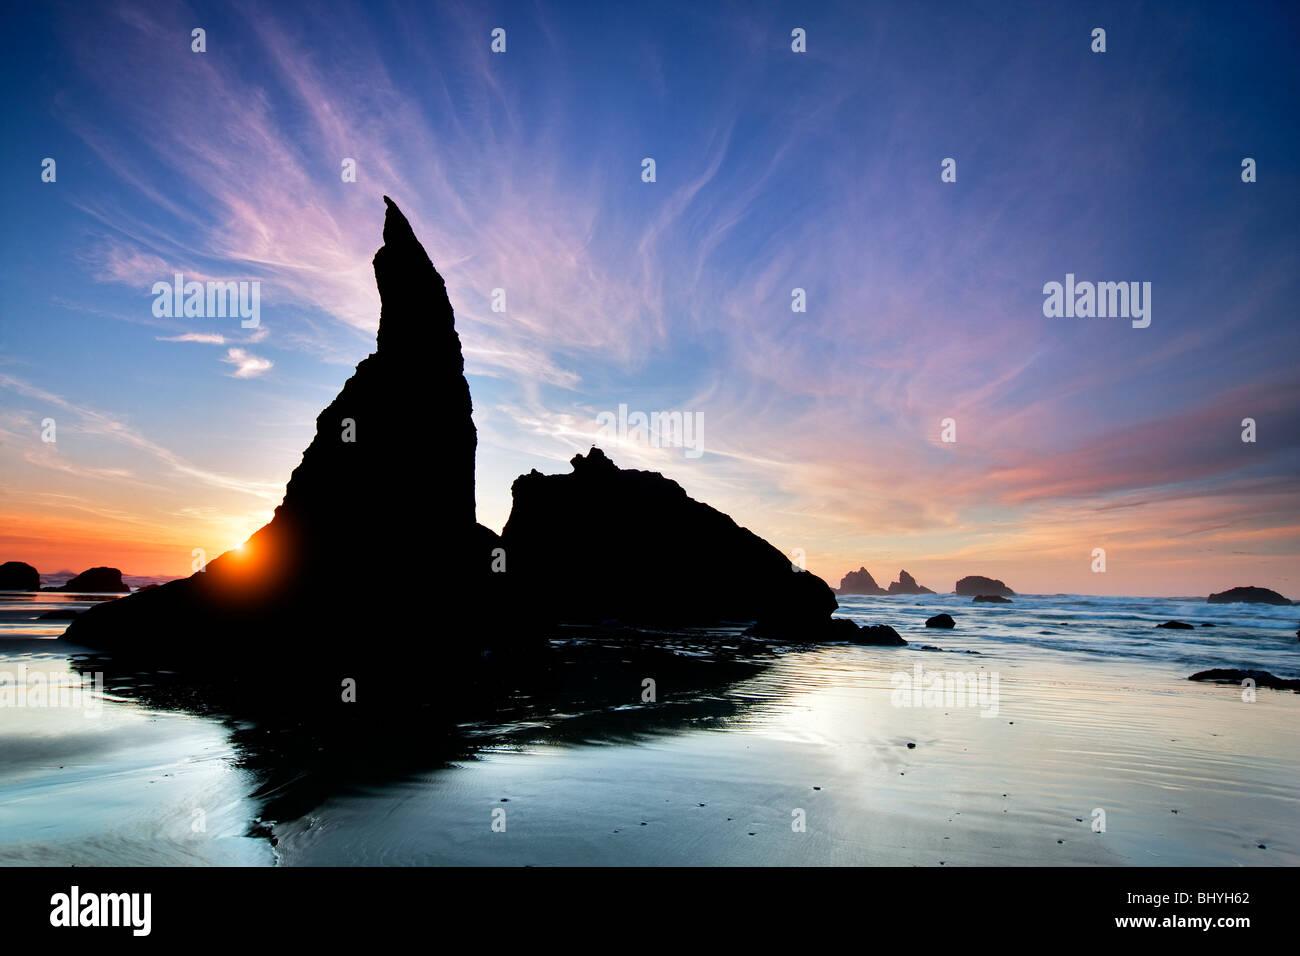 Sea stacks and sunset at Bandon Beach at low tide. Oregon - Stock Image